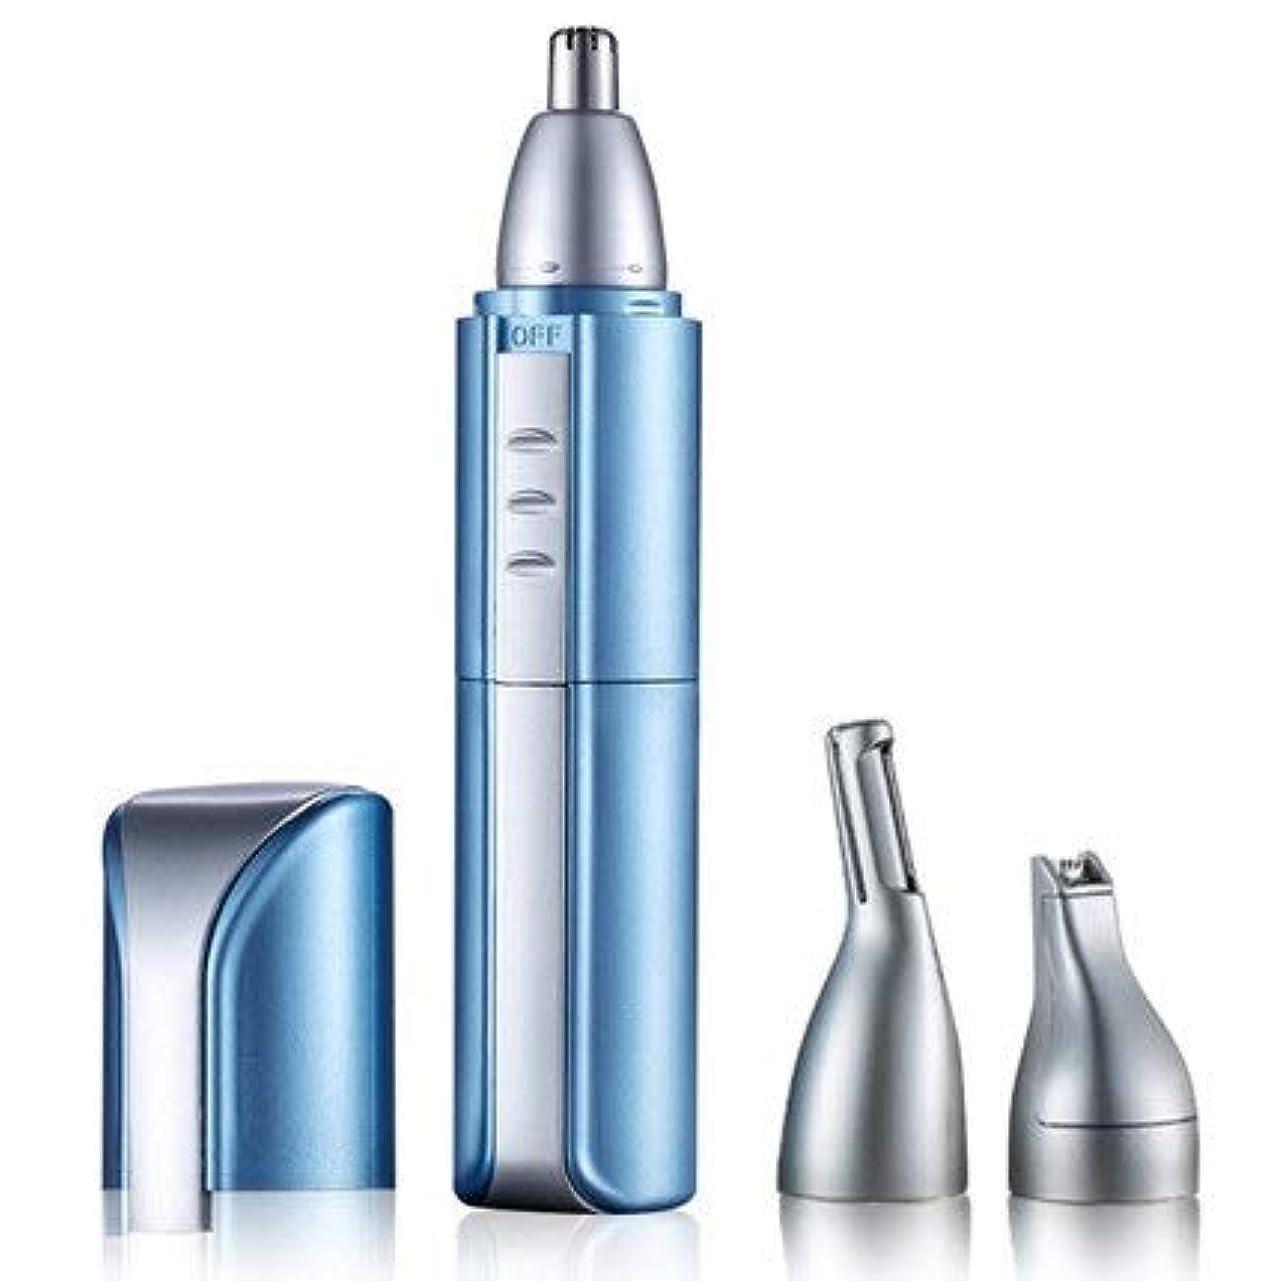 一緒にお香強化ノーズヘアトリマー-メーター本体防水/ 360°トリム/小さくて軽い旅行用/男性と女性に適しています 操作が簡単